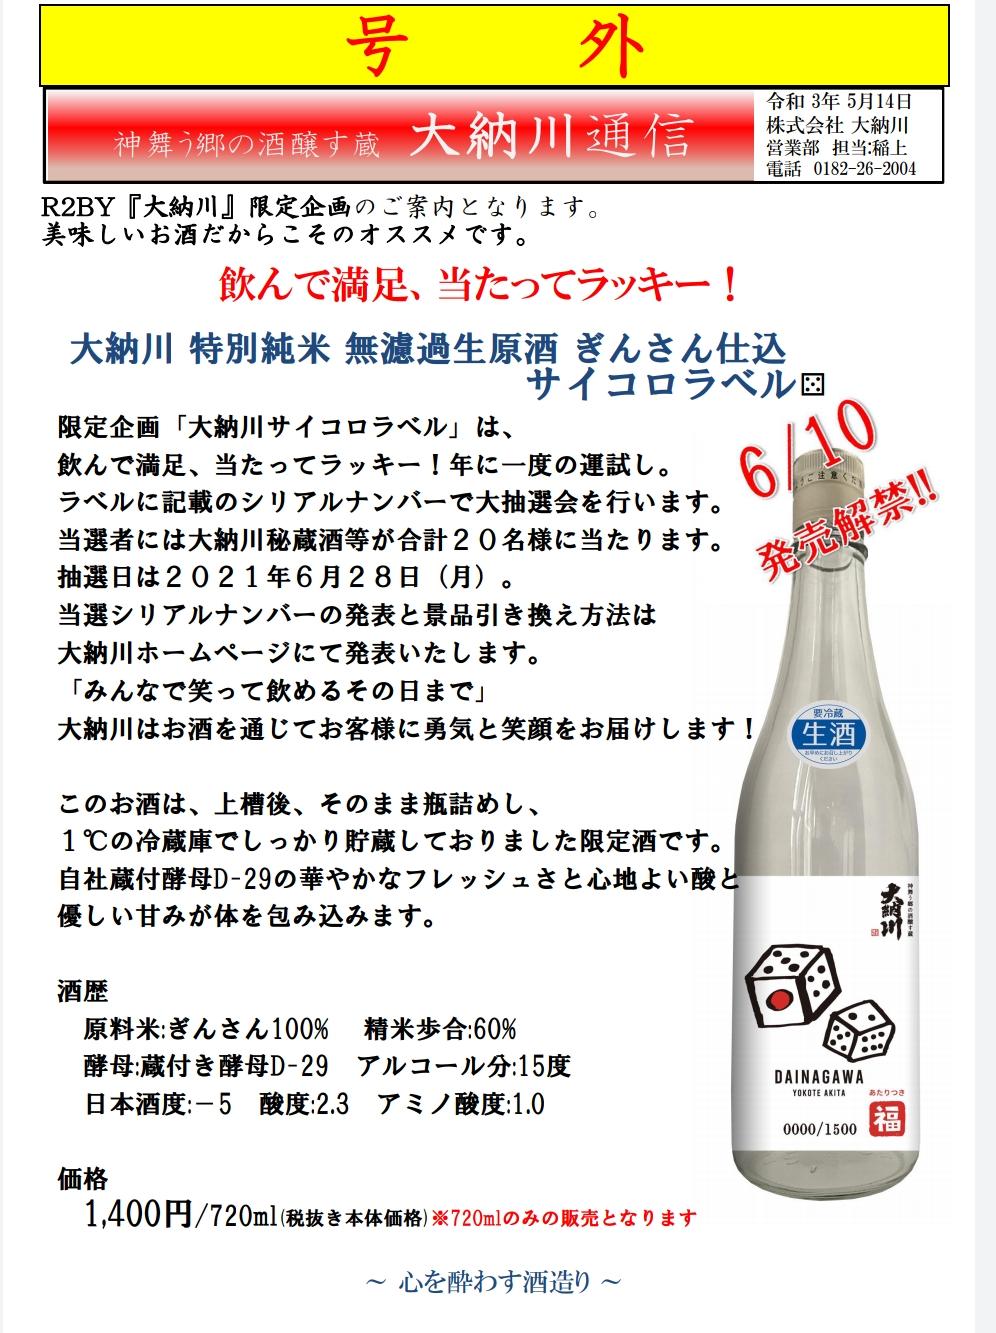 大納川の酒蔵に桜名月チームもお邪魔した!